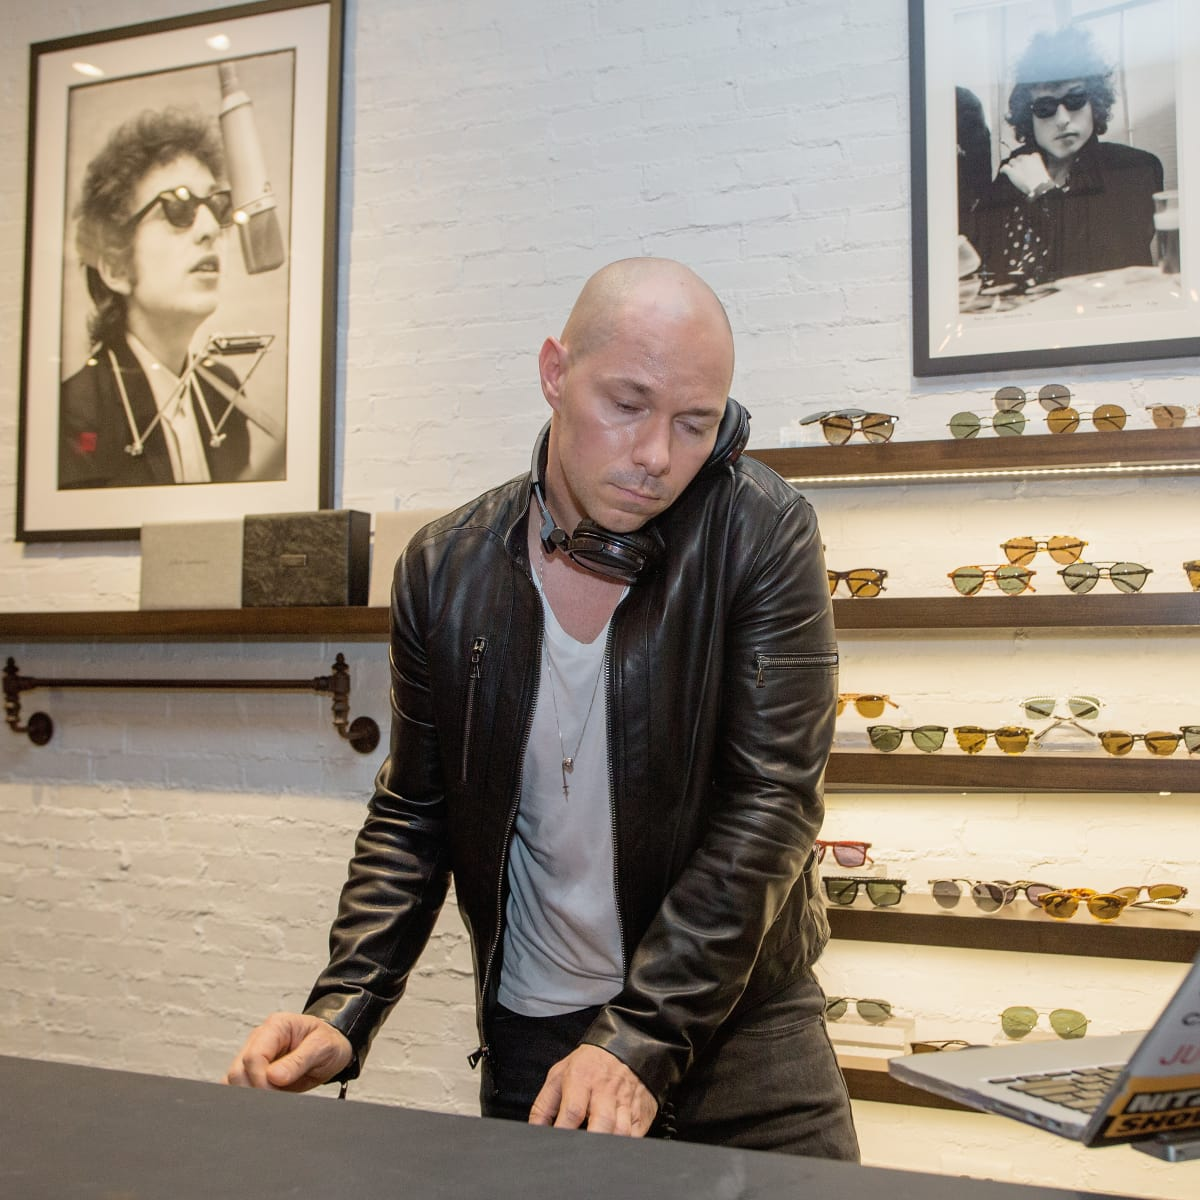 DJ at John Varvatos book signing